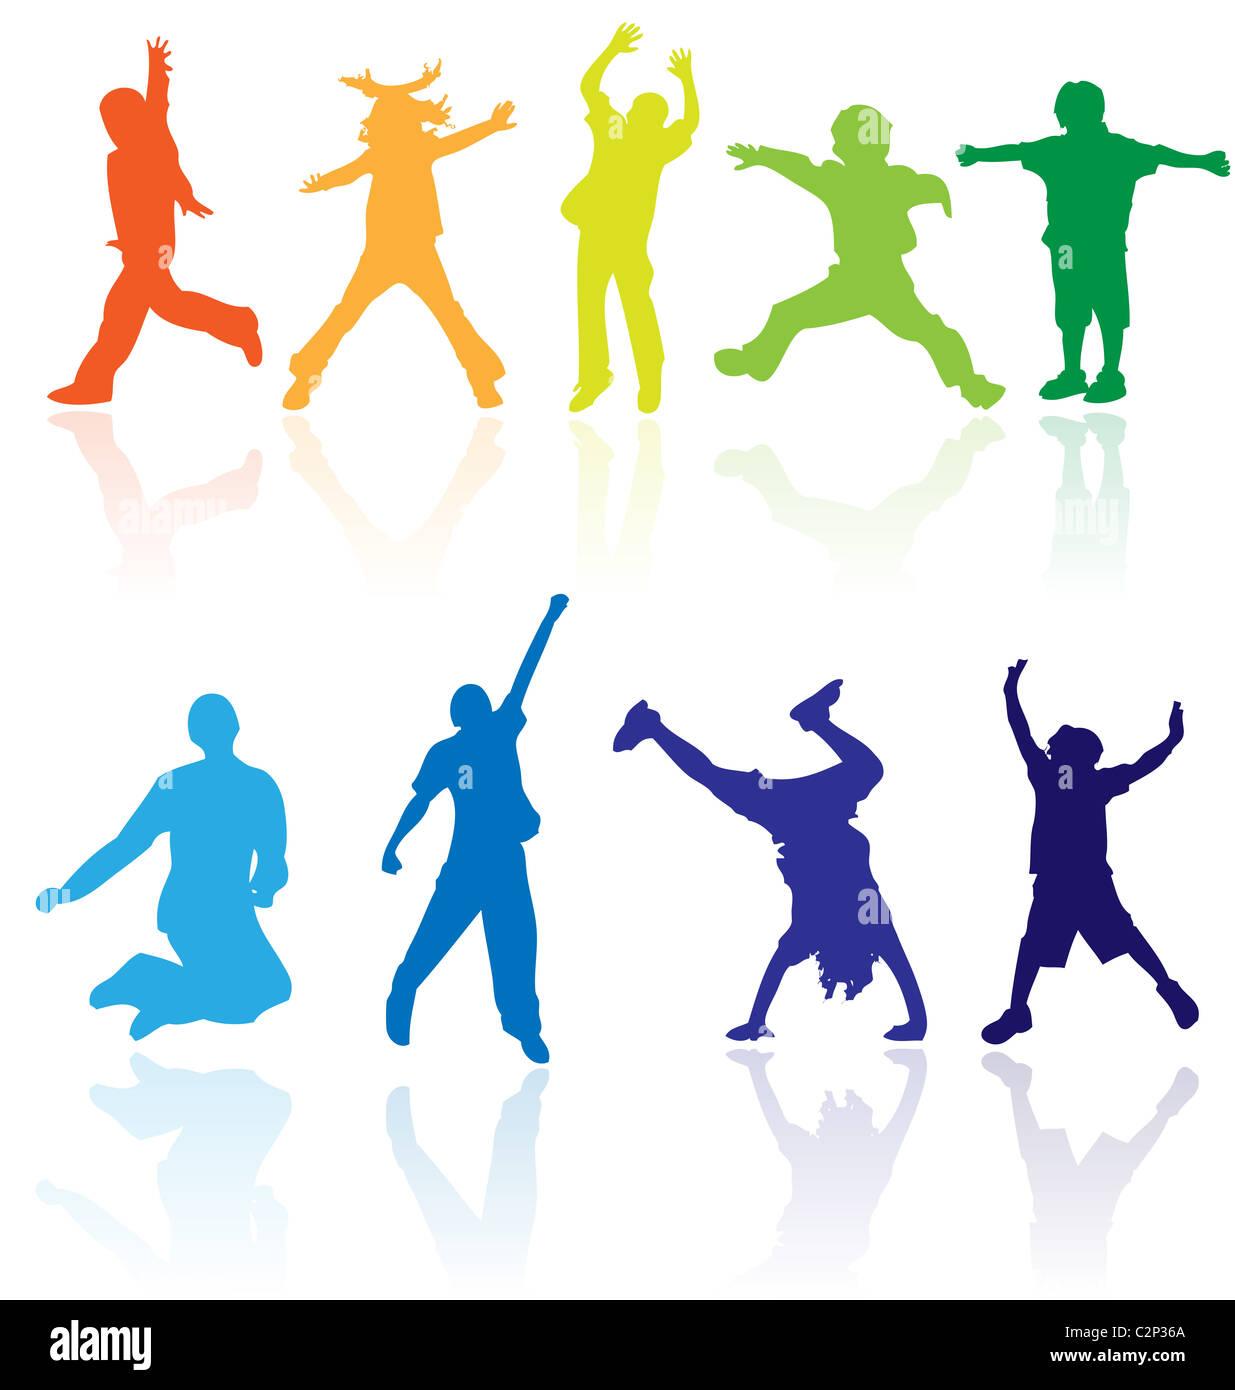 Vektor farbige Silhouetten mit Reflexionen von Kindern Aktivität. Leicht zu bearbeiten, die jeder Größe. Stockbild